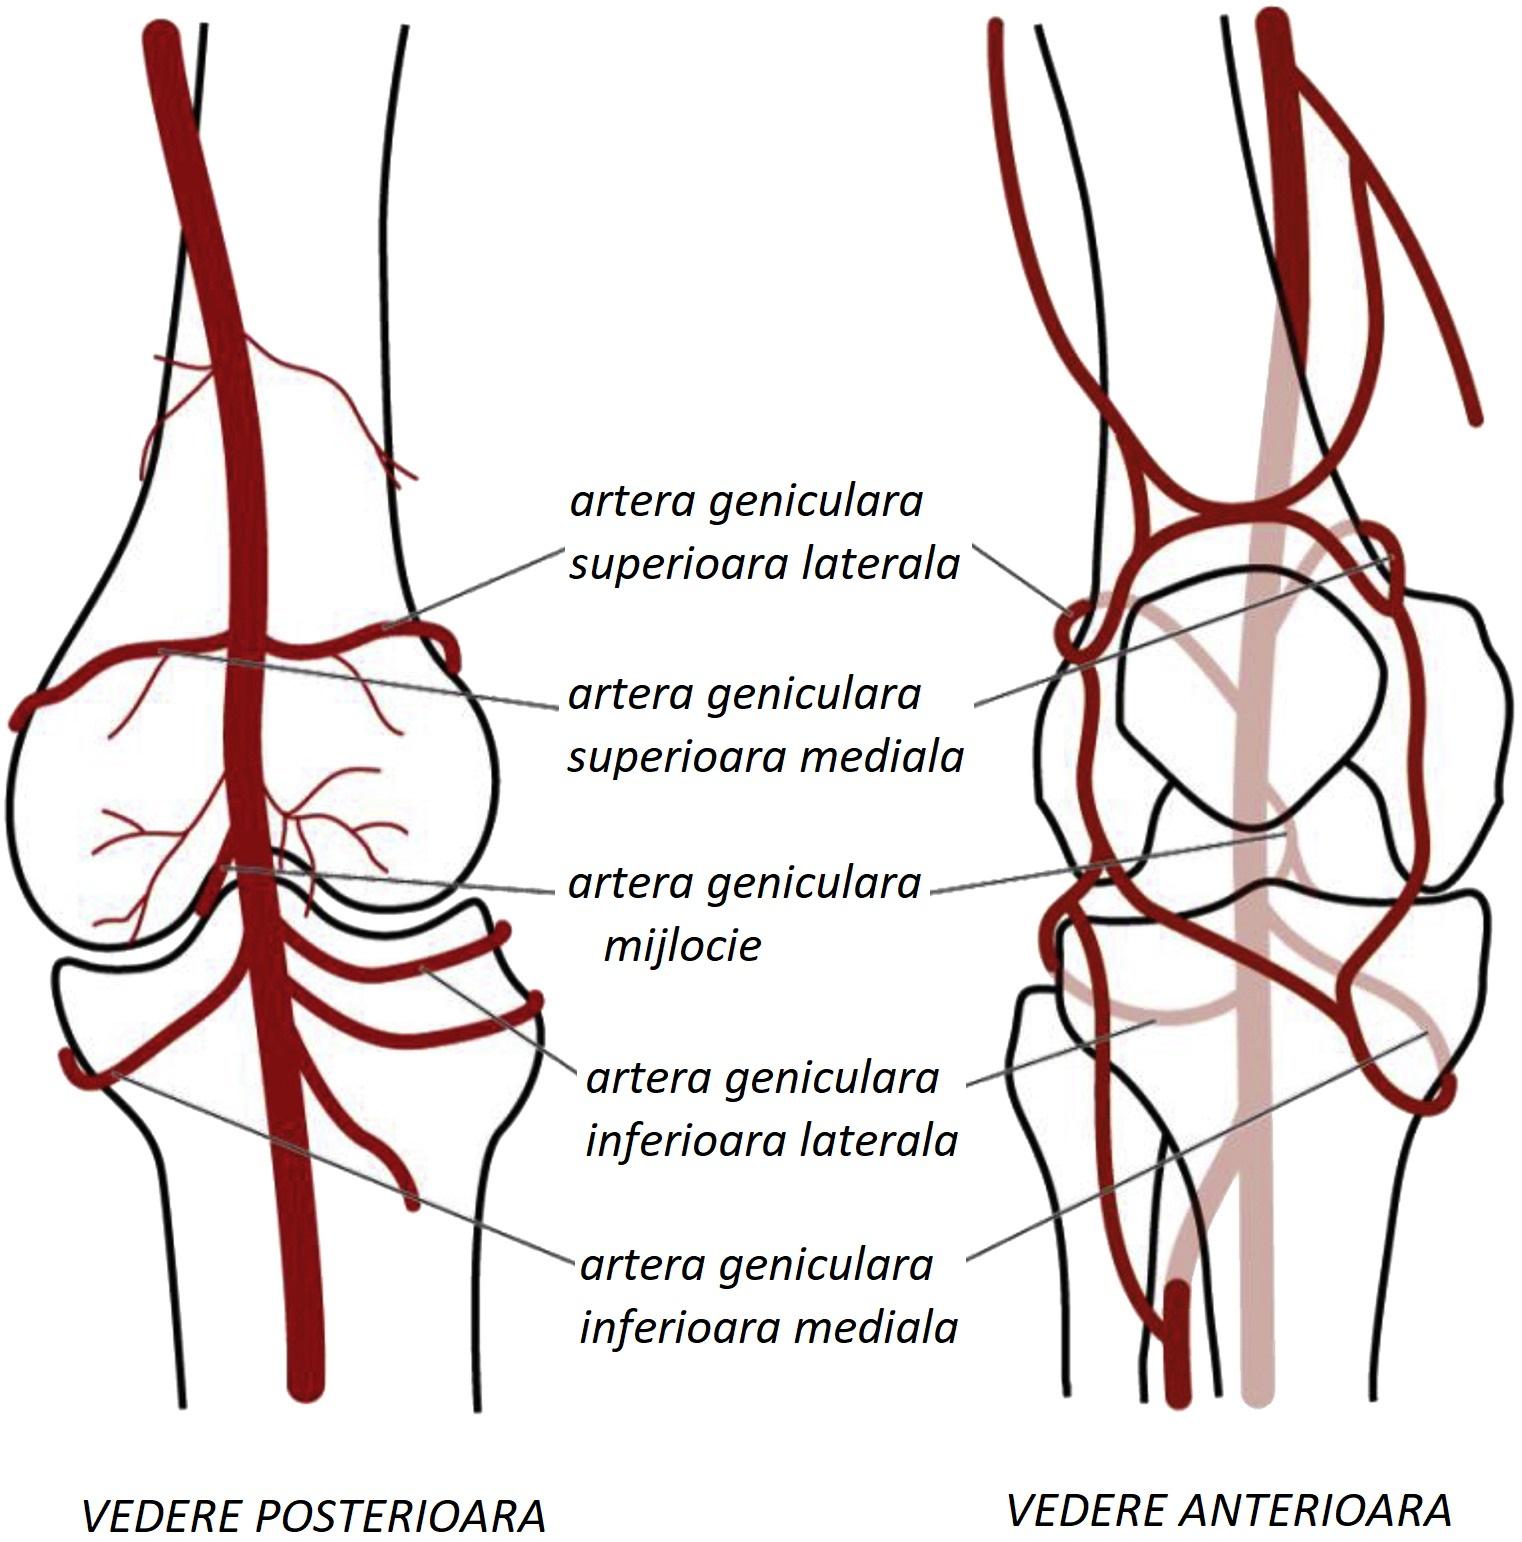 metode de tratament pentru artroza gleznei